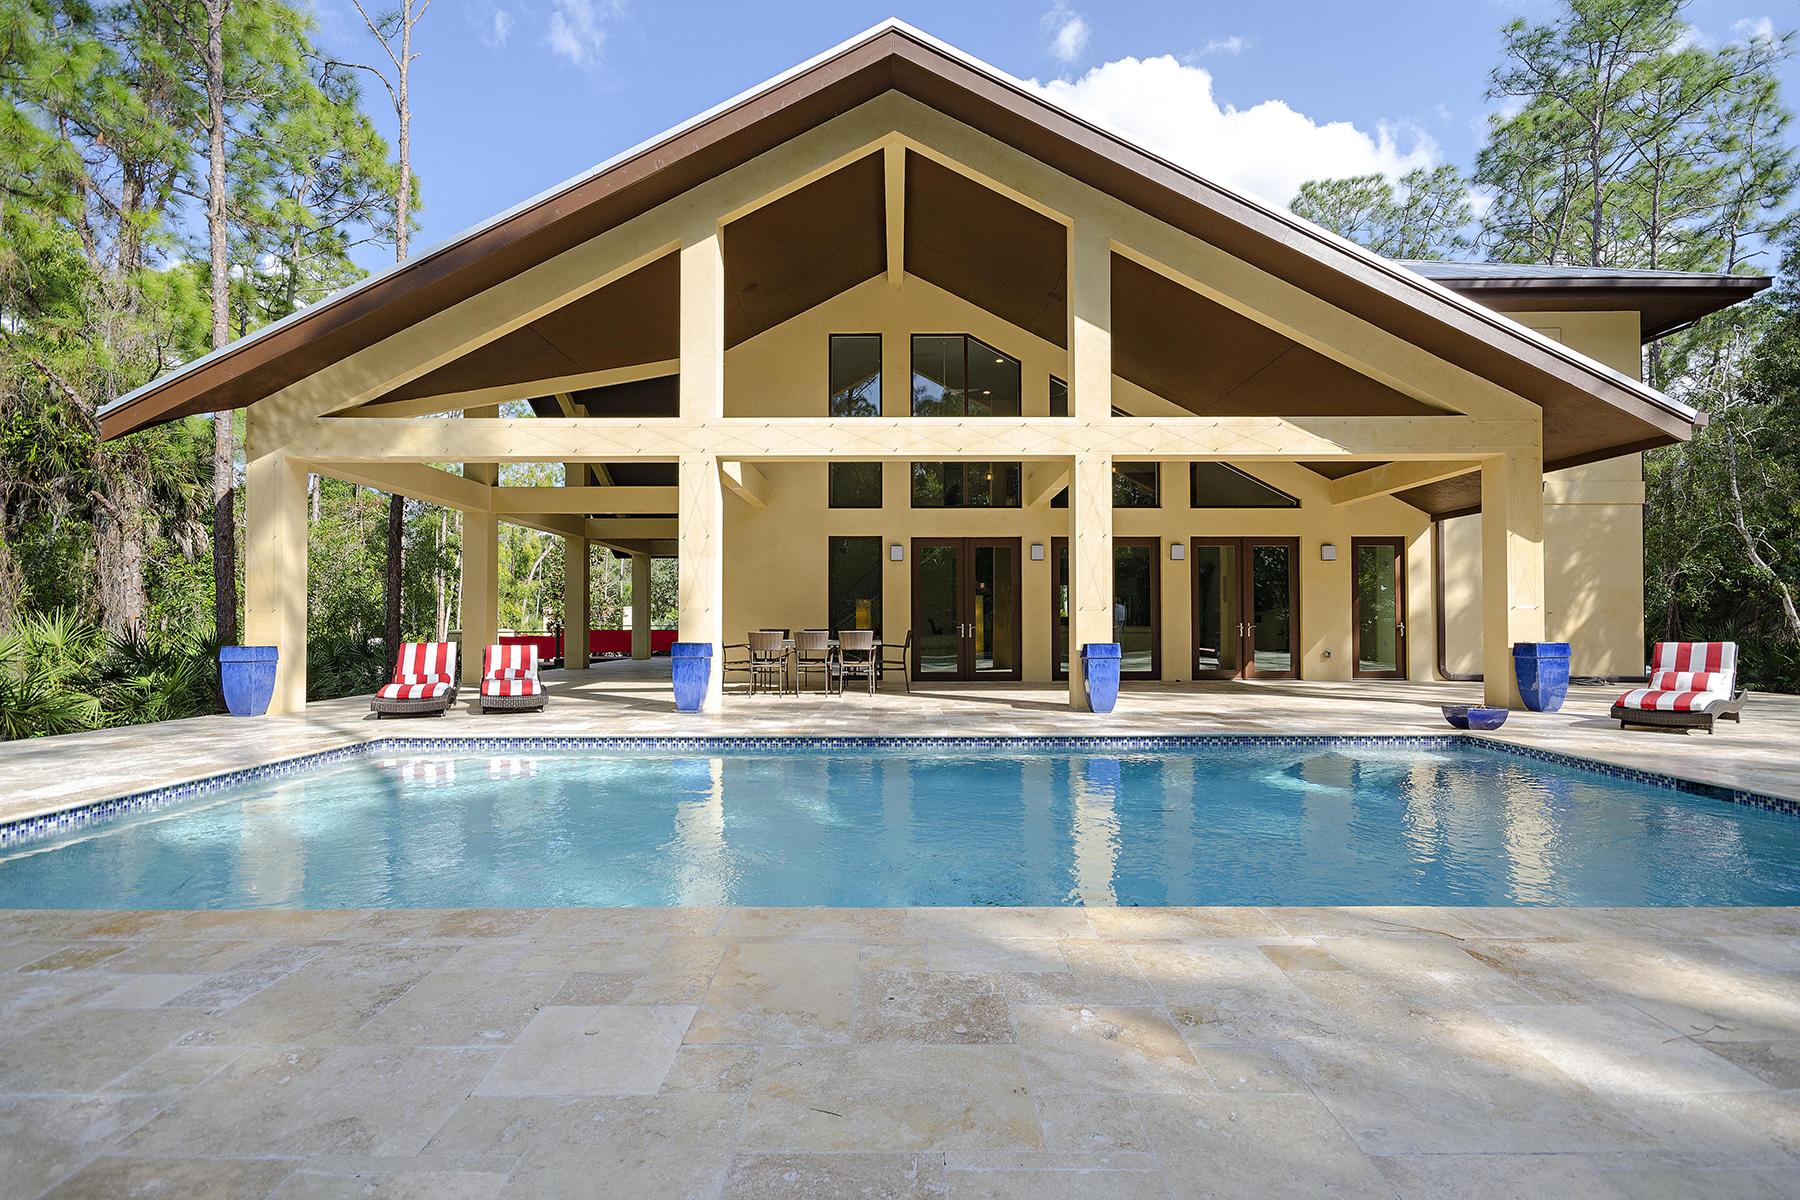 단독 가정 주택 용 매매 에 SAN CARLOS ESTATES 25380 Busy Bee Dr Bonita Springs, 플로리다 34135 미국